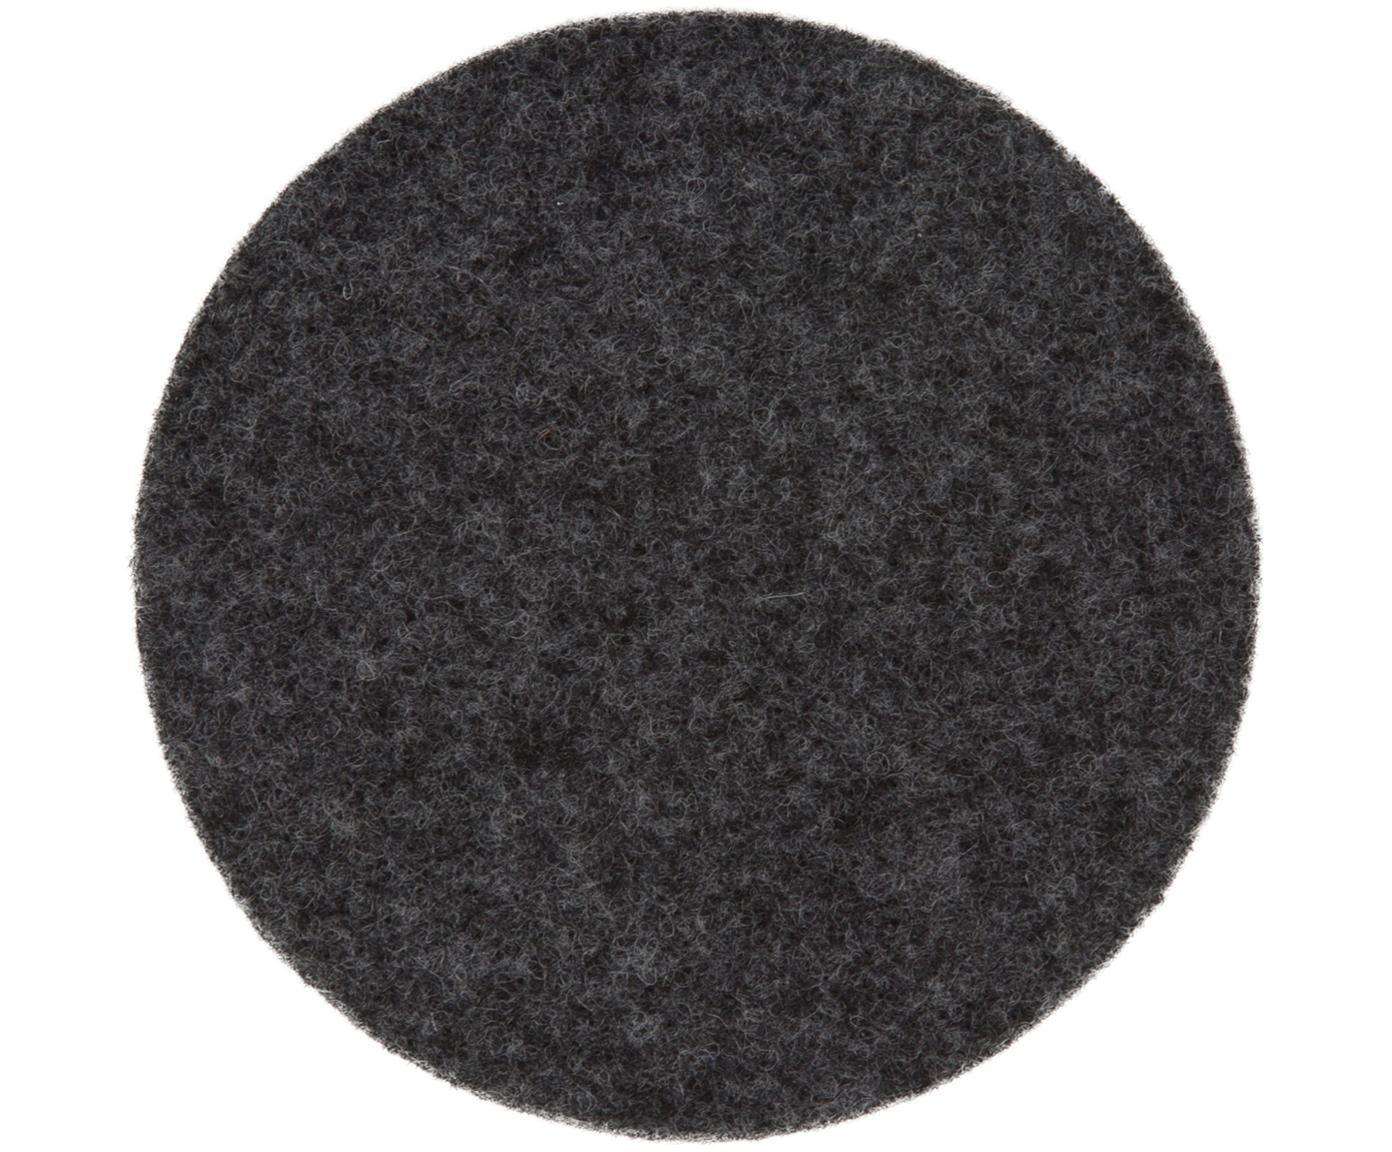 Podkładka z filcu Leandra, 6 szt., 90% wełna, 10% polietylen, Antracytowy, Ø 10 cm